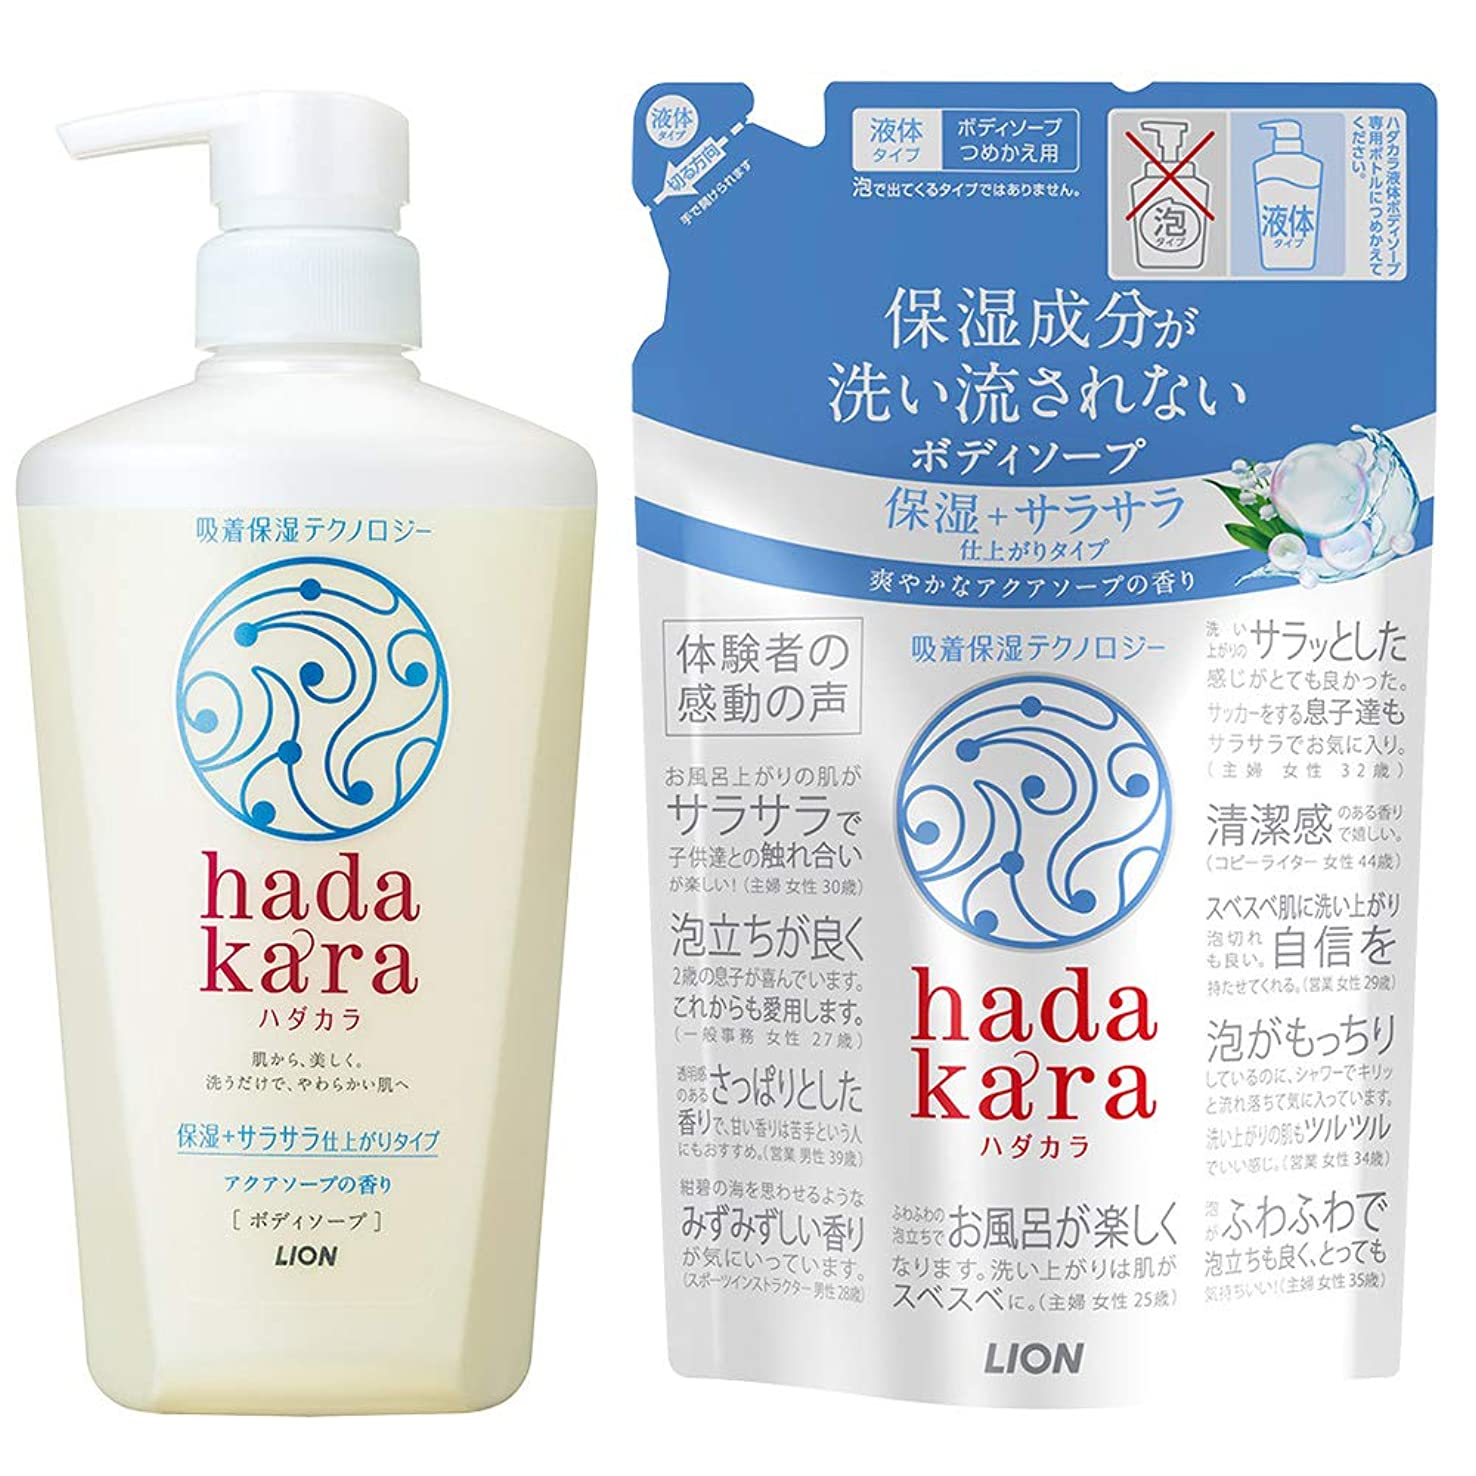 減らす検出する踏みつけhadakara(ハダカラ)ボディソープ 保湿+サラサラ仕上がりタイプ アクアソープの香り 本体 480ml + つめかえ 340ml